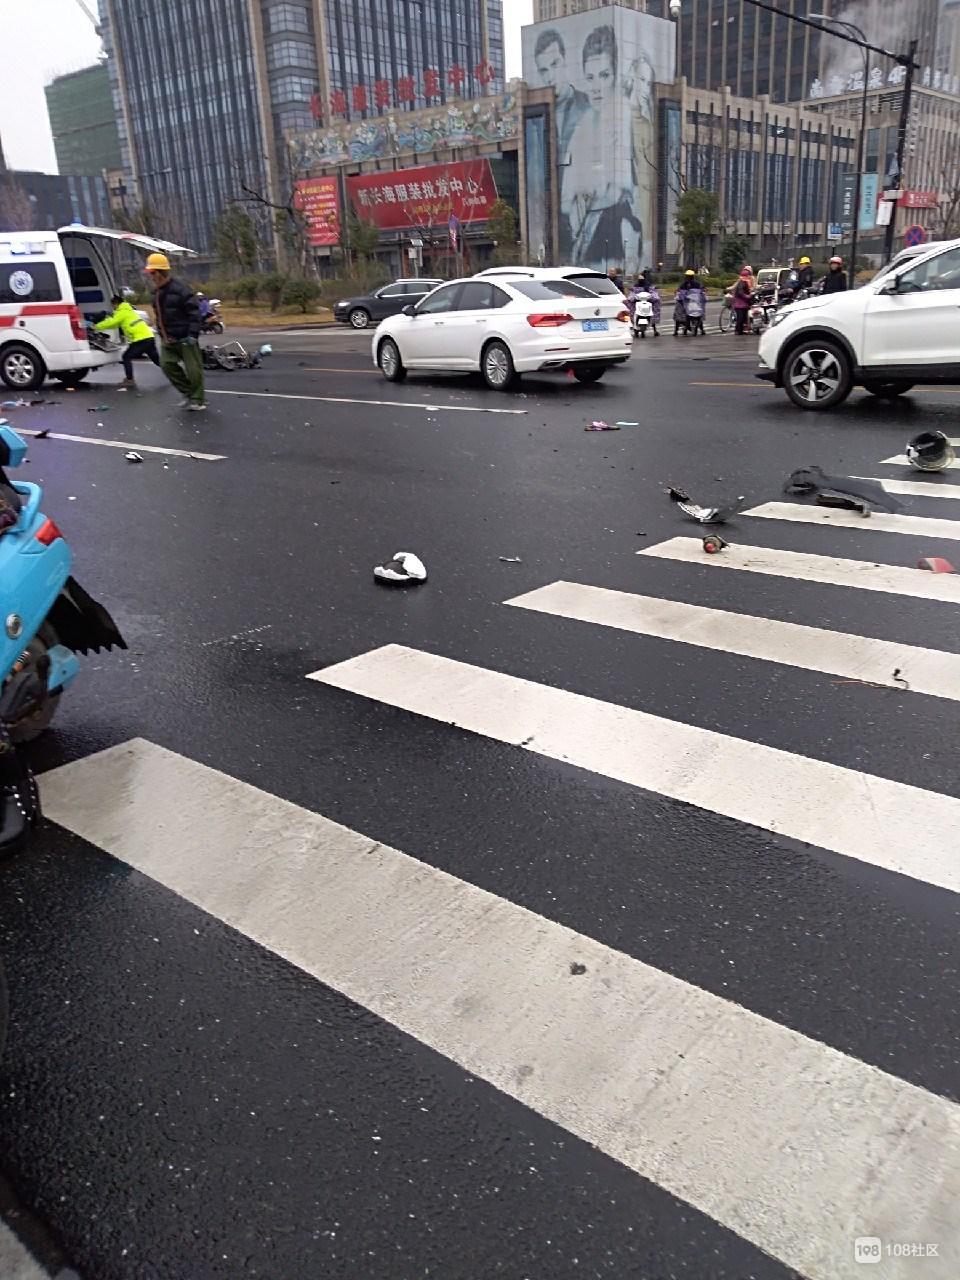 接连发生两起车祸,车被撞碎惨不忍睹!1人伤势较重紧急送医